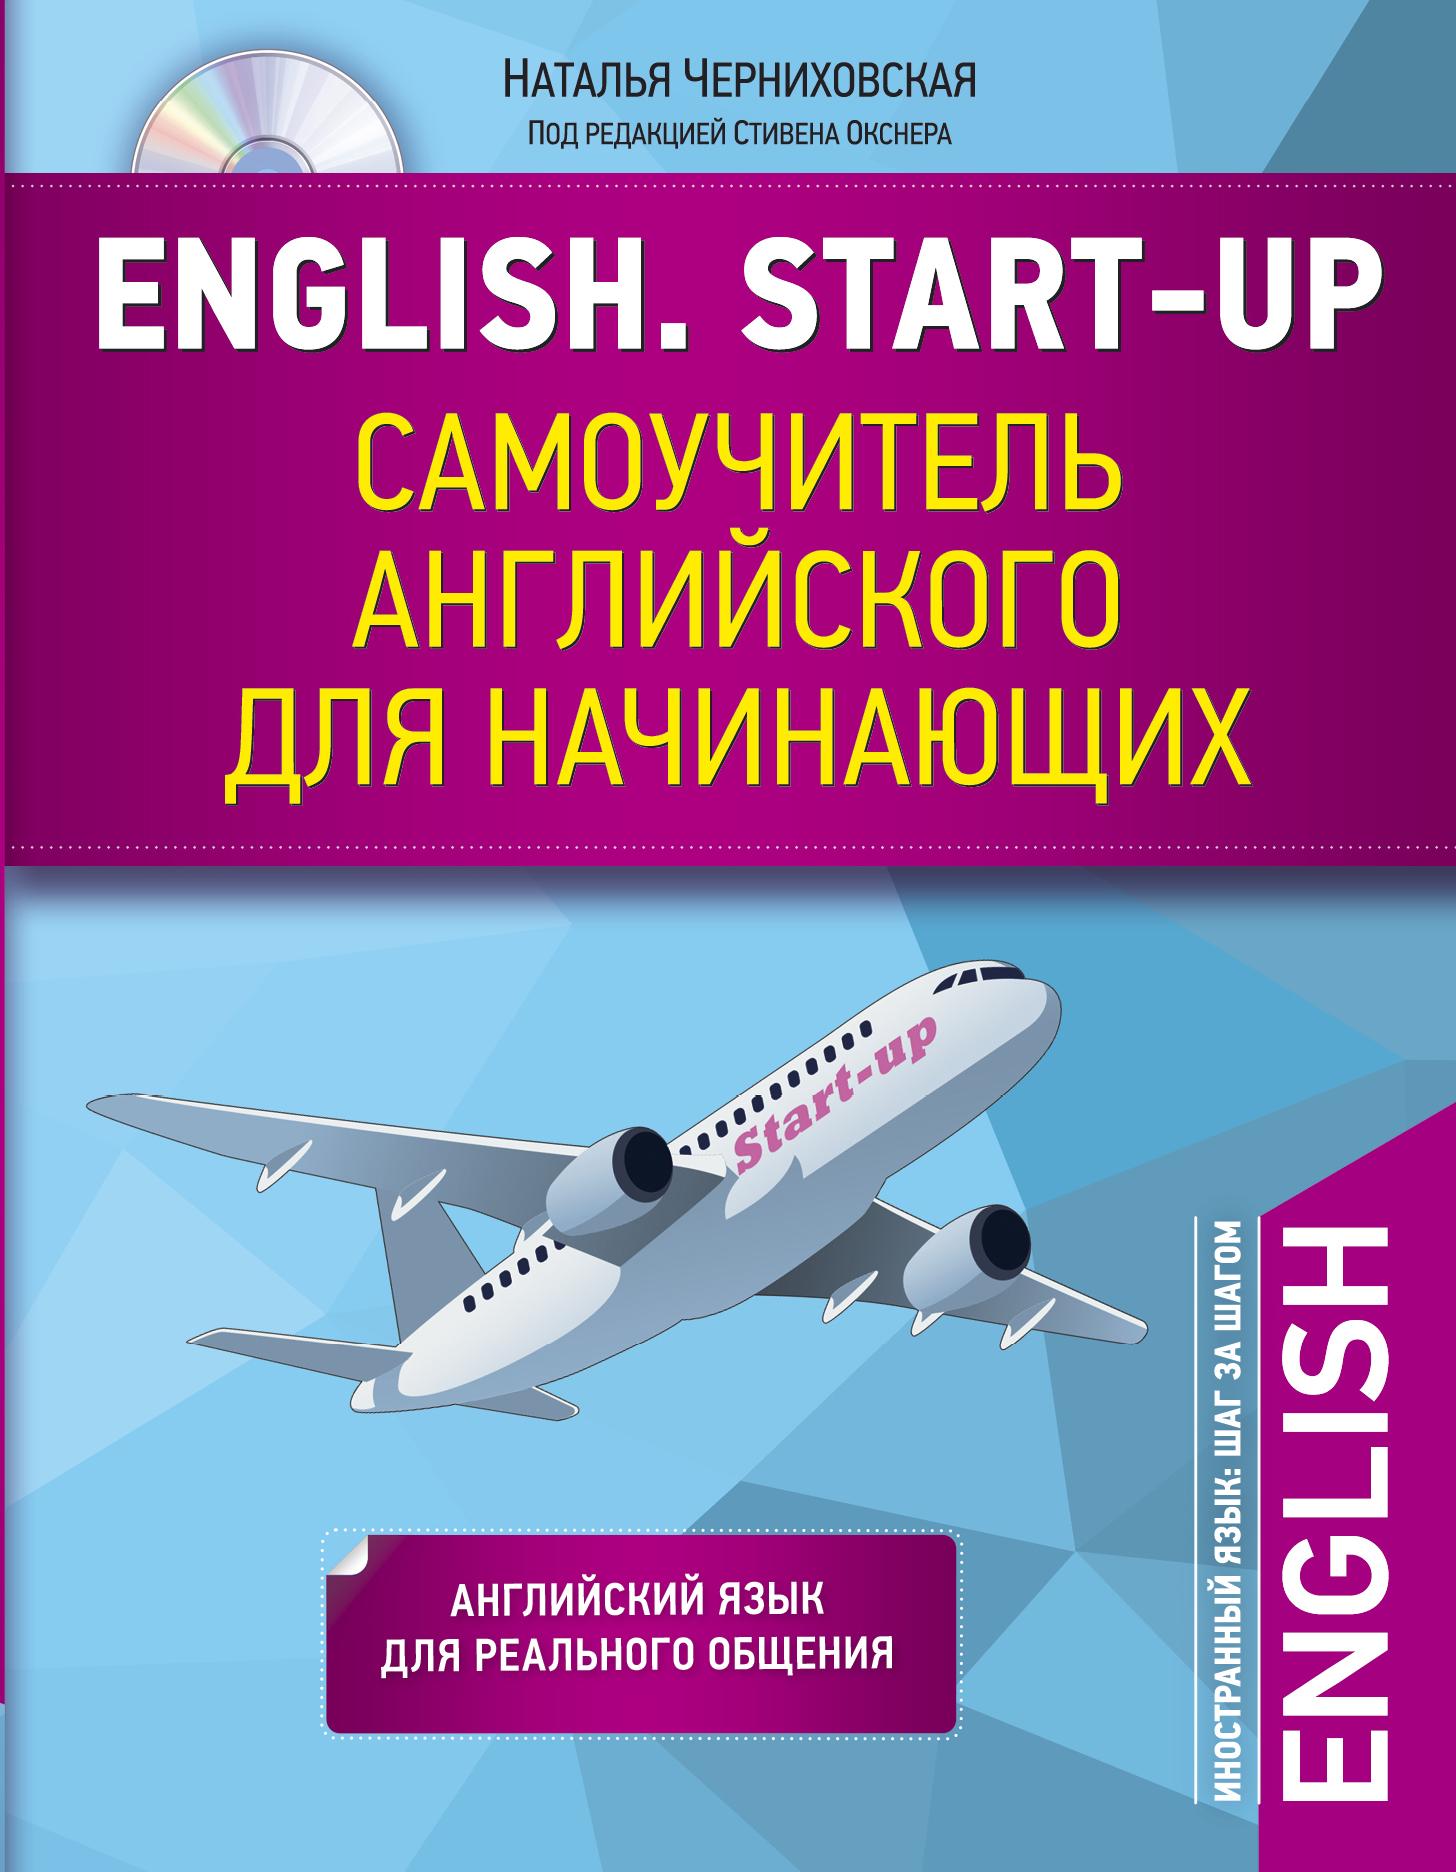 Черниховская Н.О. English. Start-up. Самоучитель английского для начинающих + CD н о черниховская разговорный английский для тех кто много путешествует 2 cd